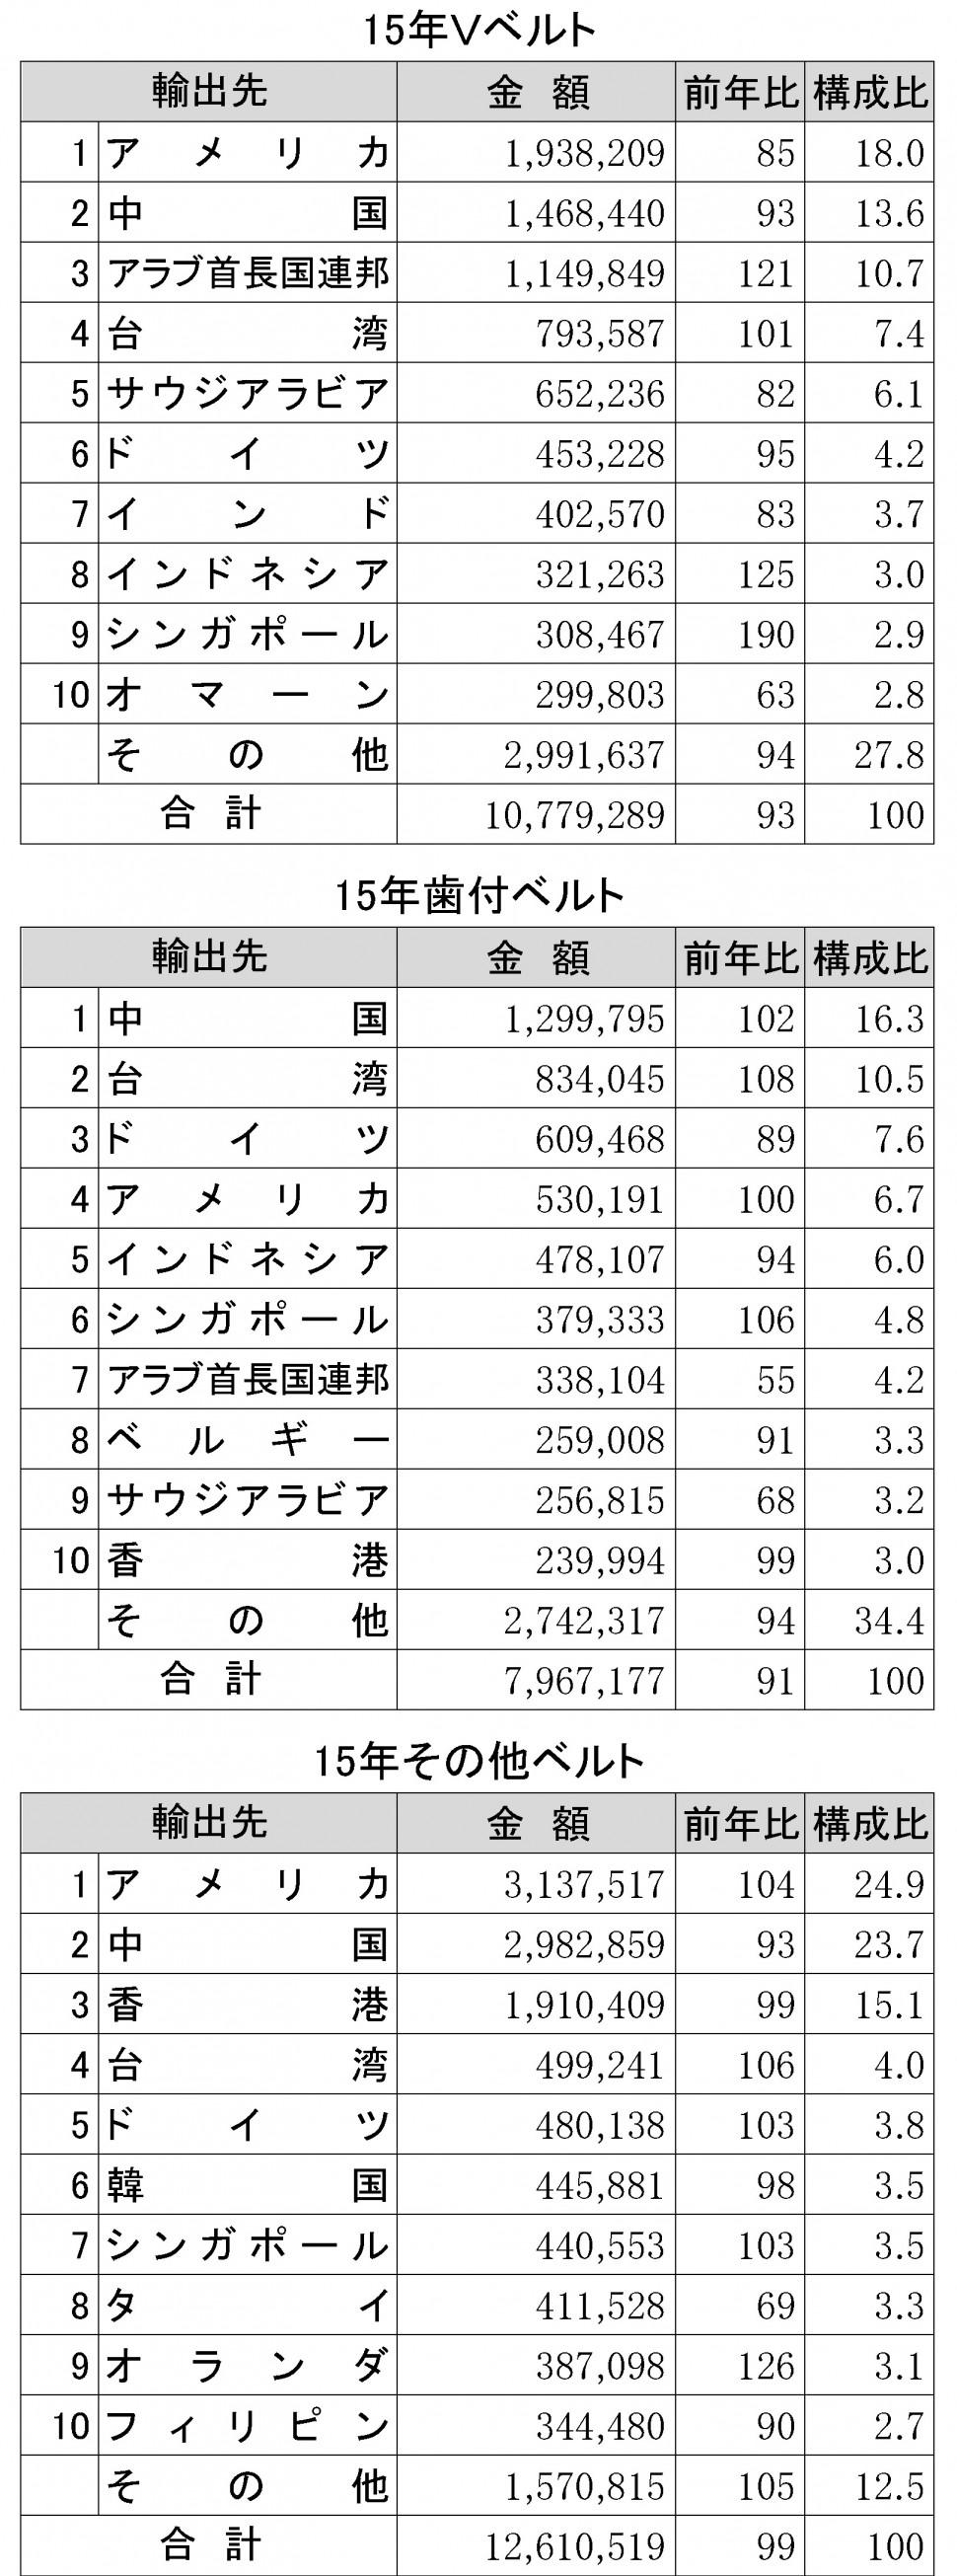 2015年ゴムベルト輸出状況表②